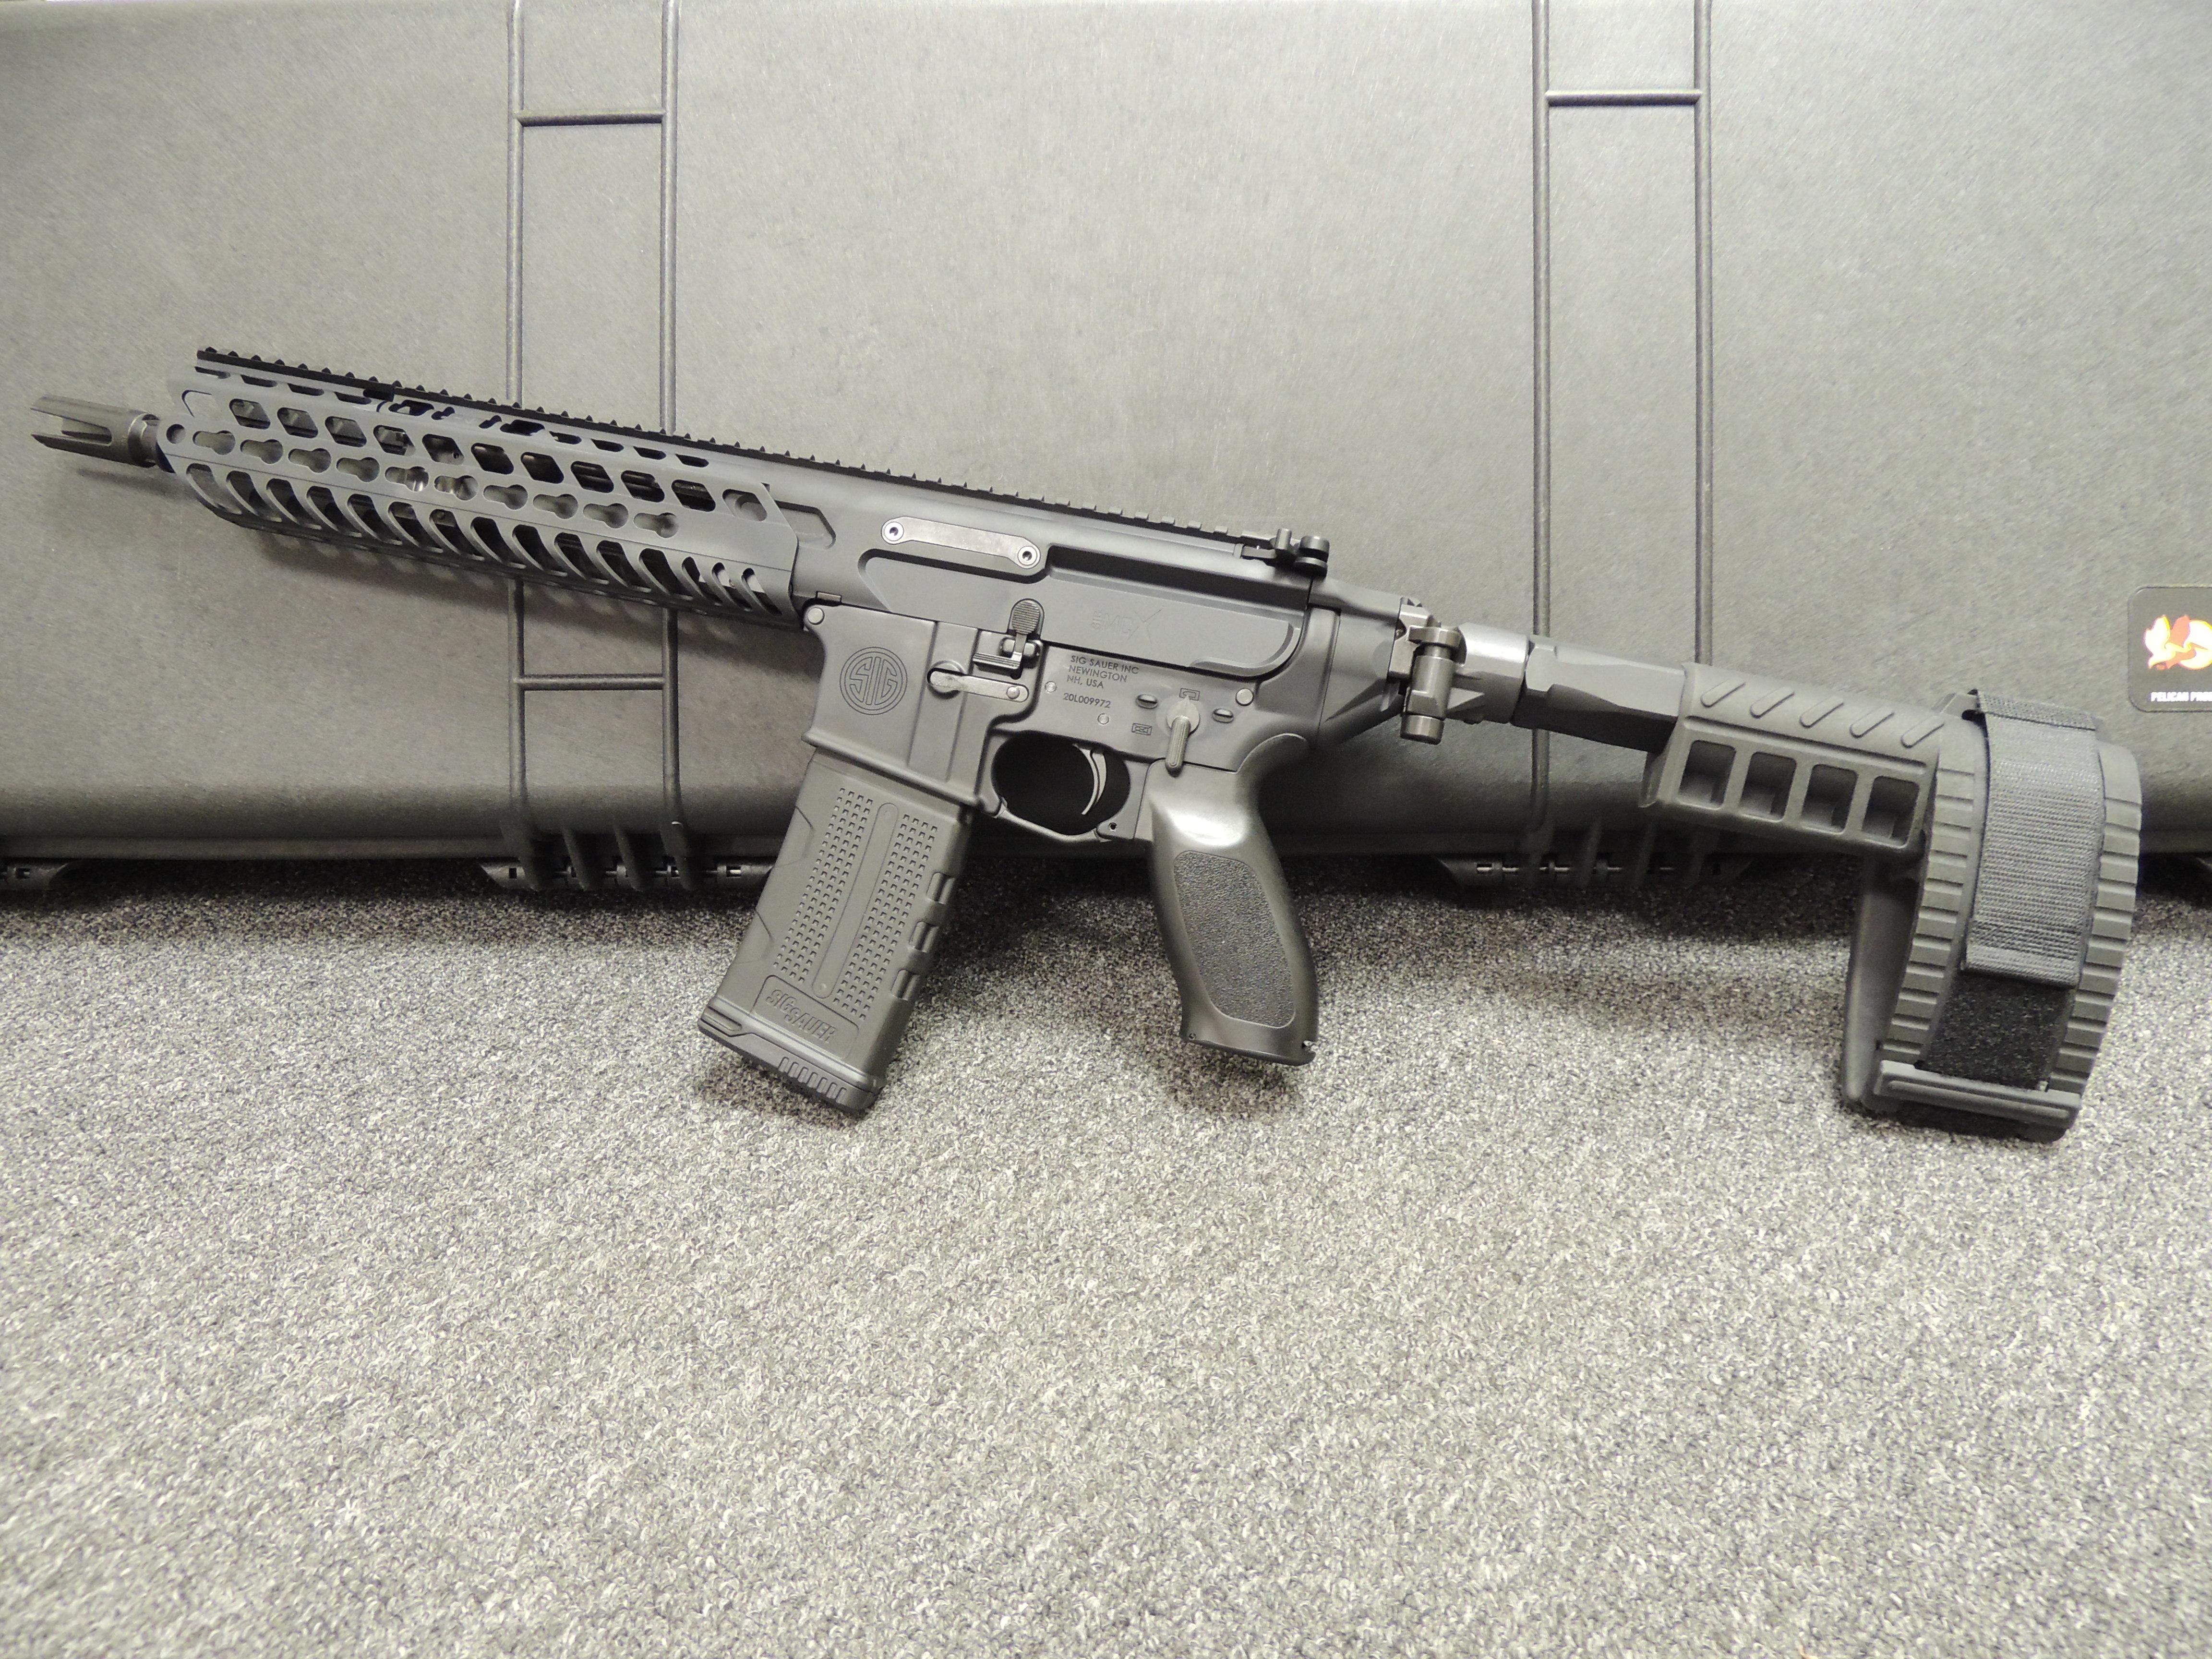 sig sauer mcx 5.56mm pistol